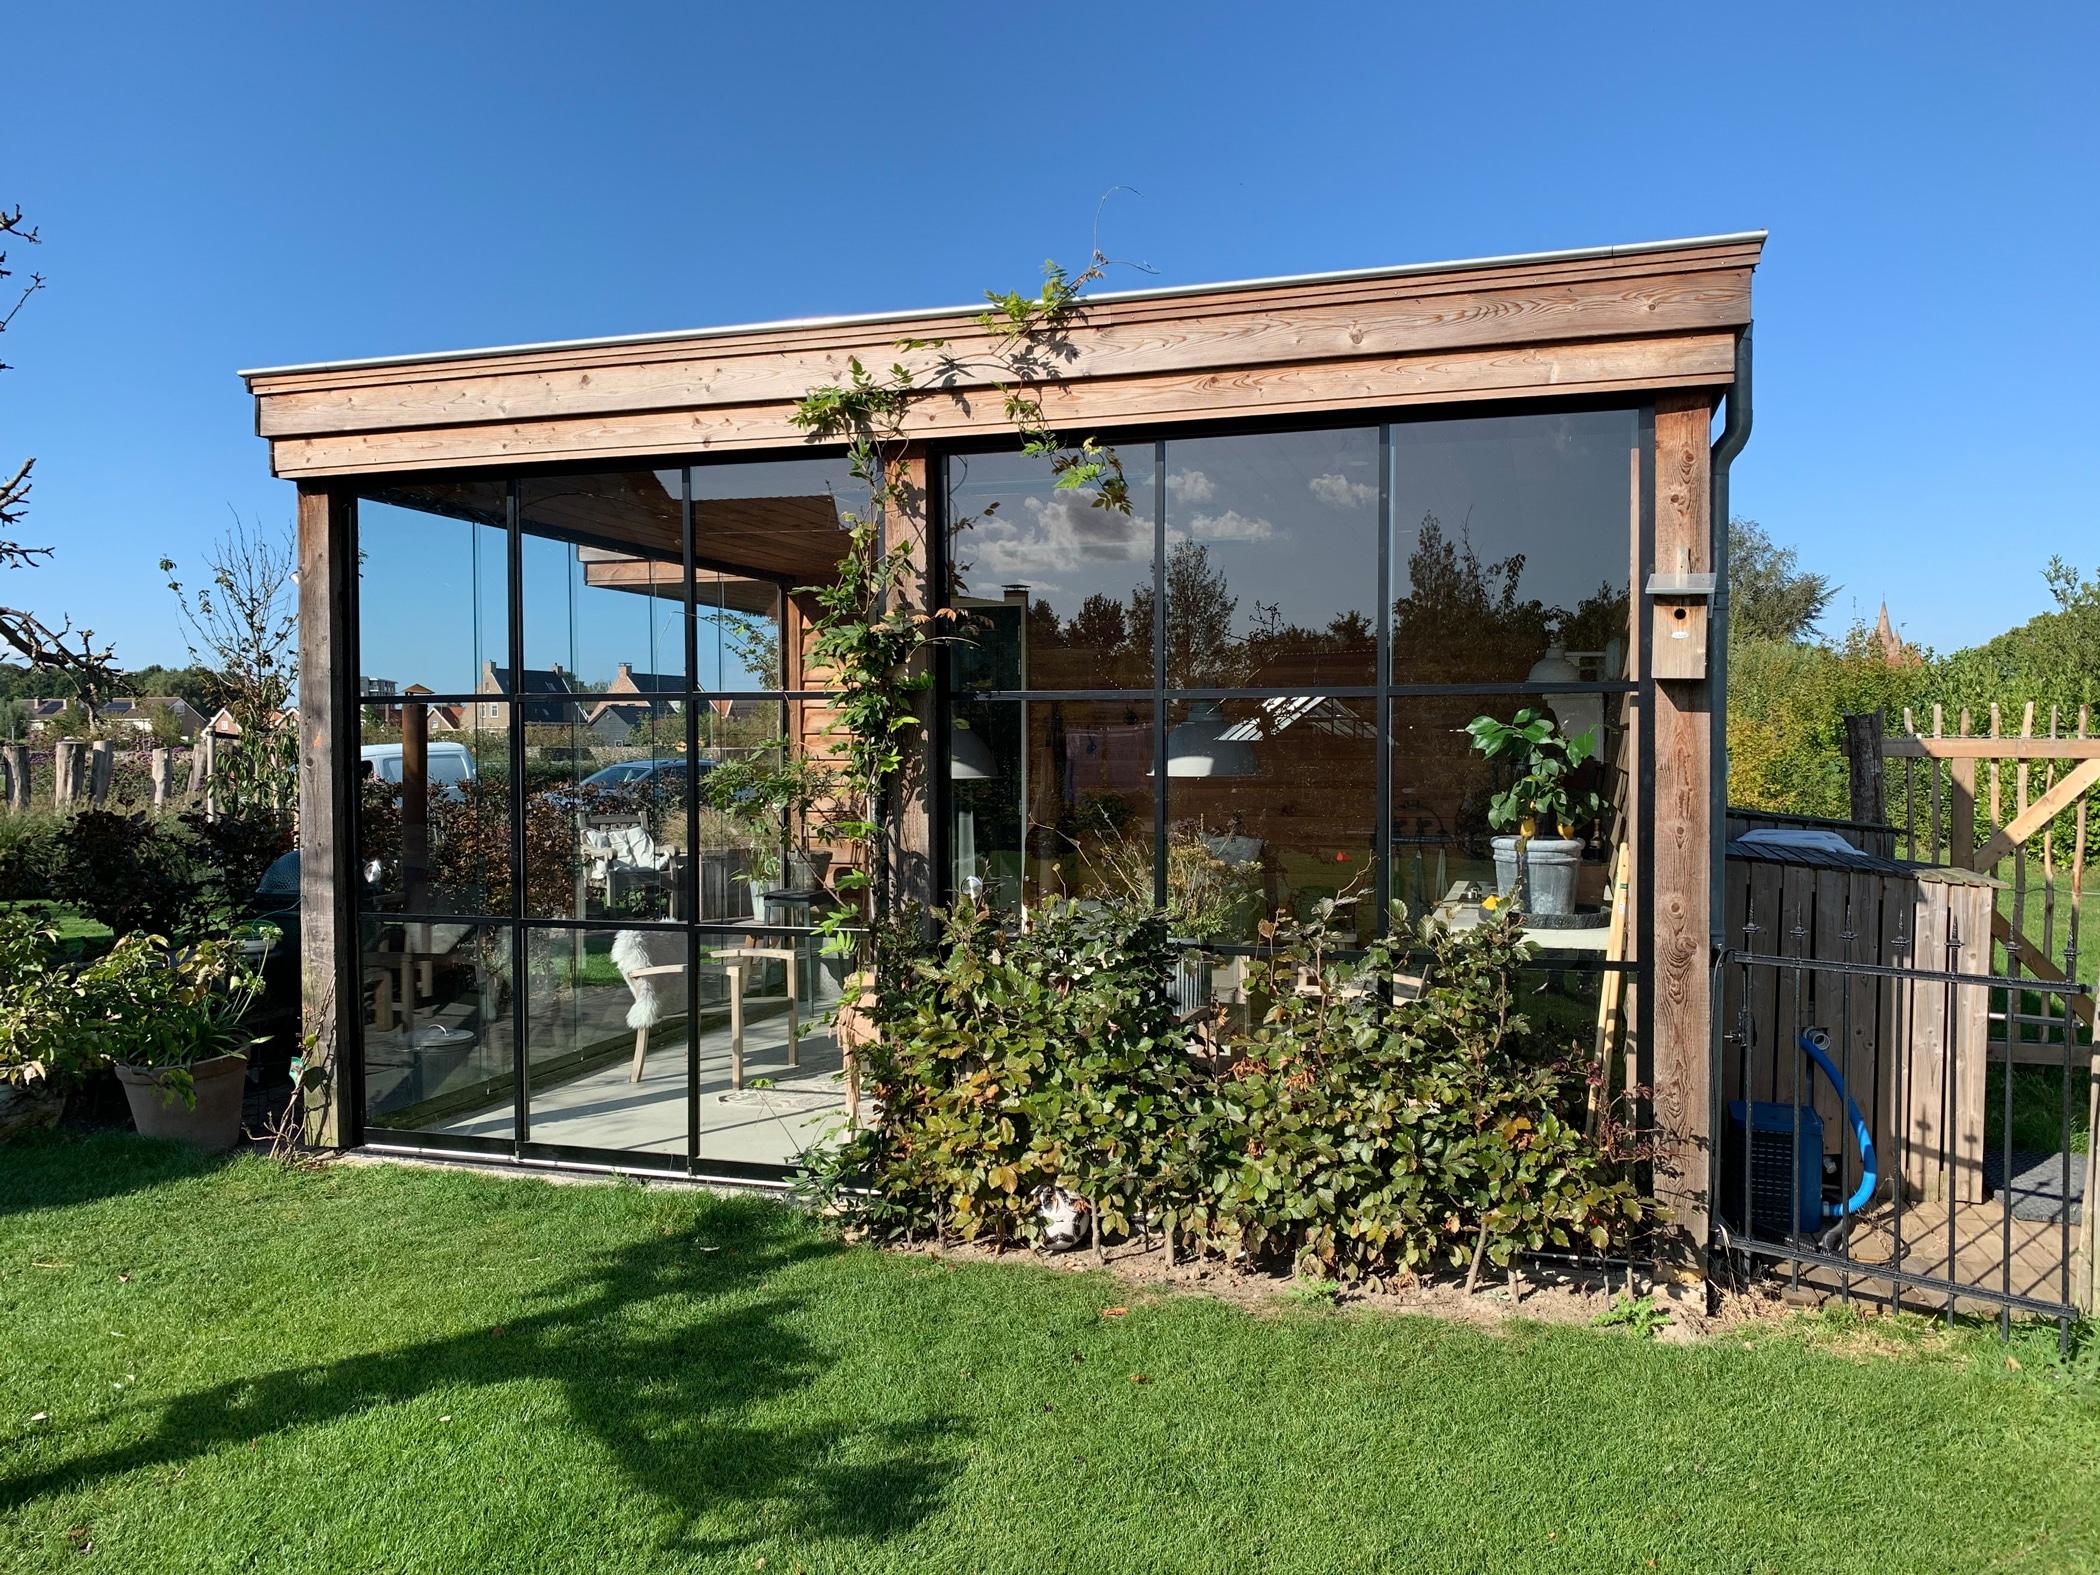 Außergewöhnliche Gartenhäuser mit Schiebetüren